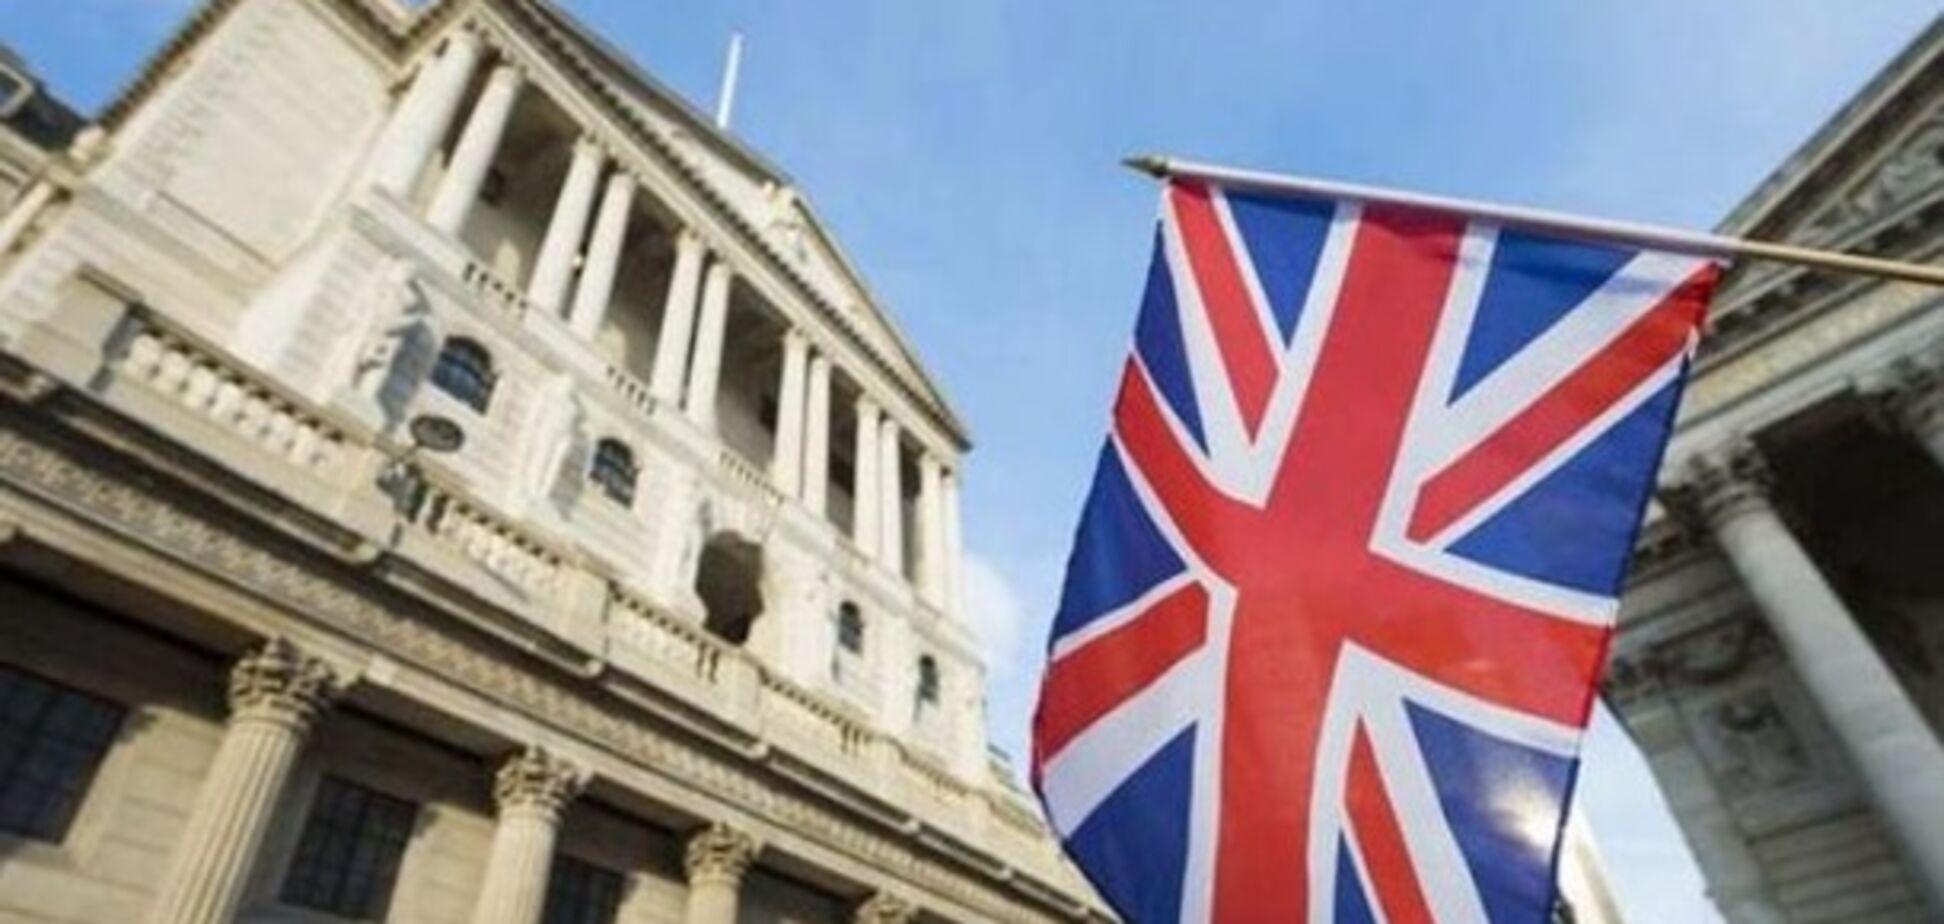 Банк Англії знизив відсоткову ставку до найнижчого рівня в історії